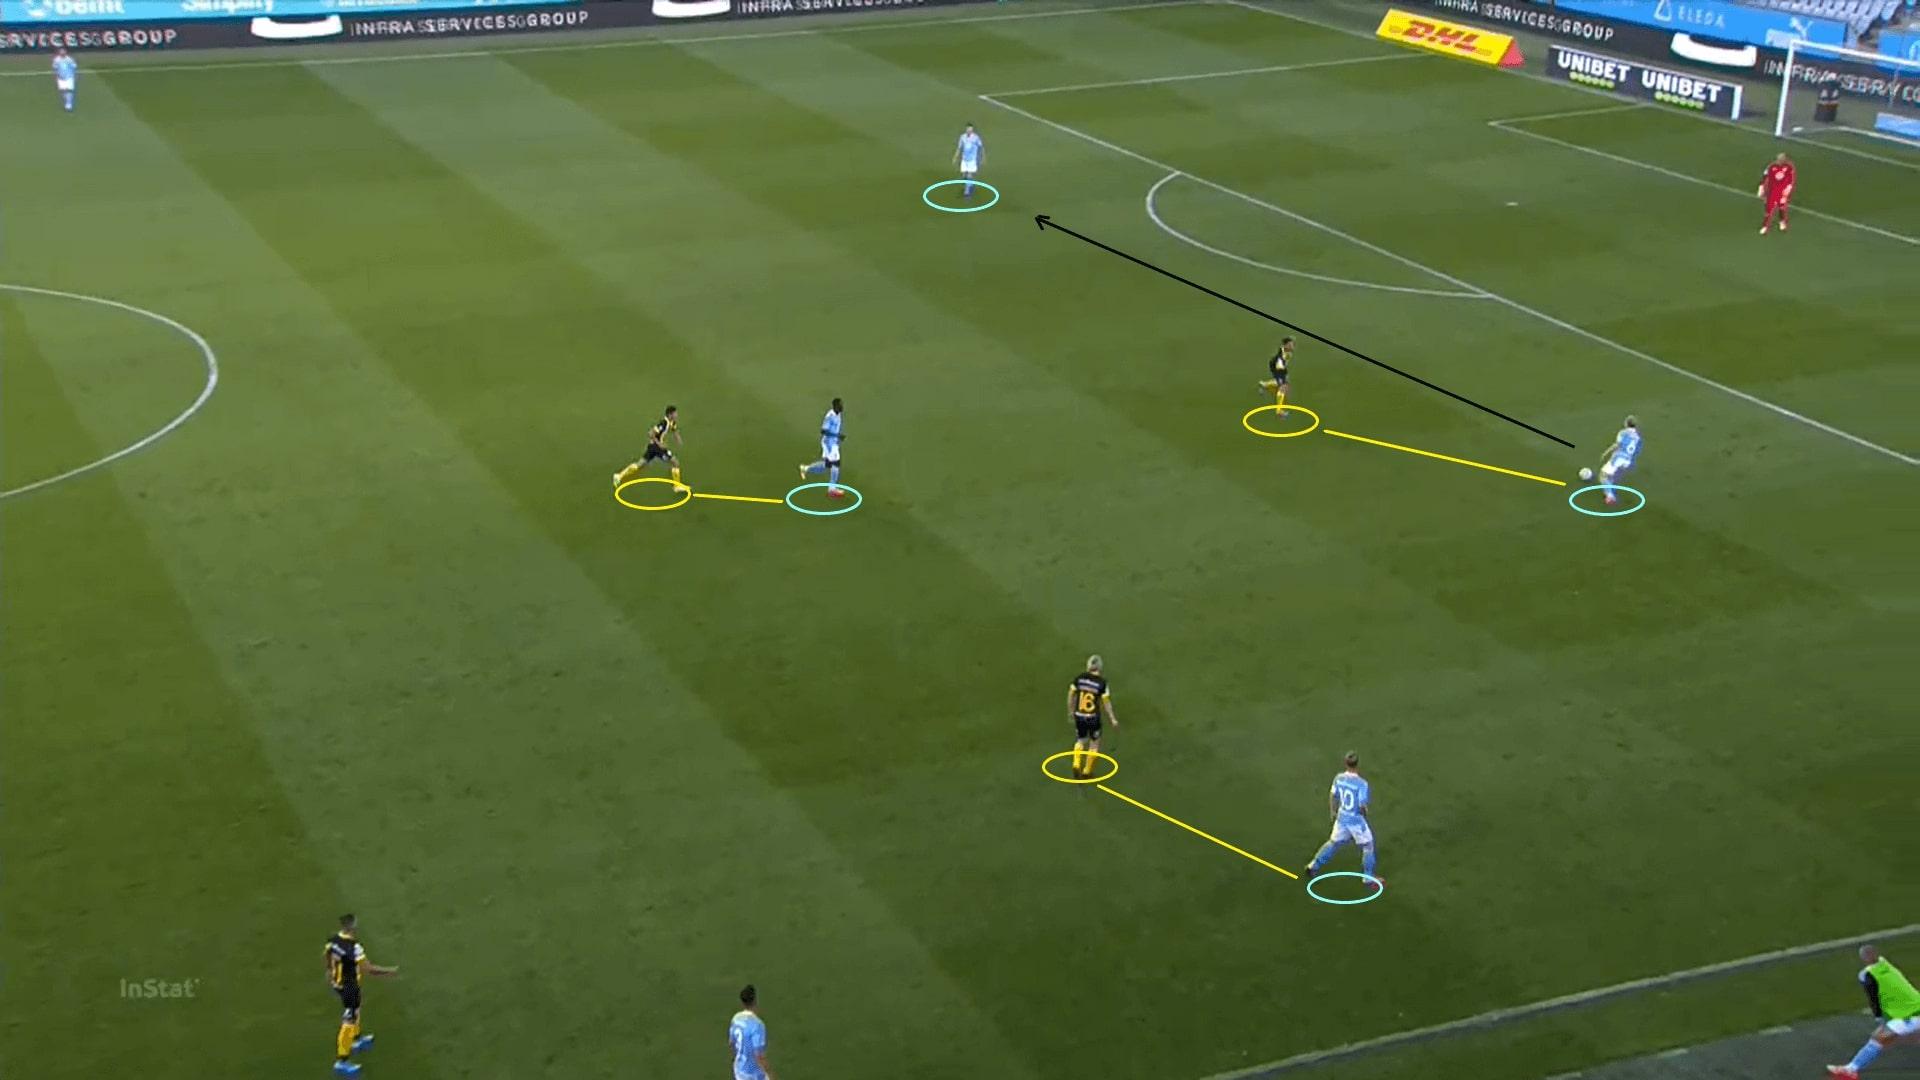 Allsvenskan 2020: Malmo FF vs Hammarby - tactical analysis tactics